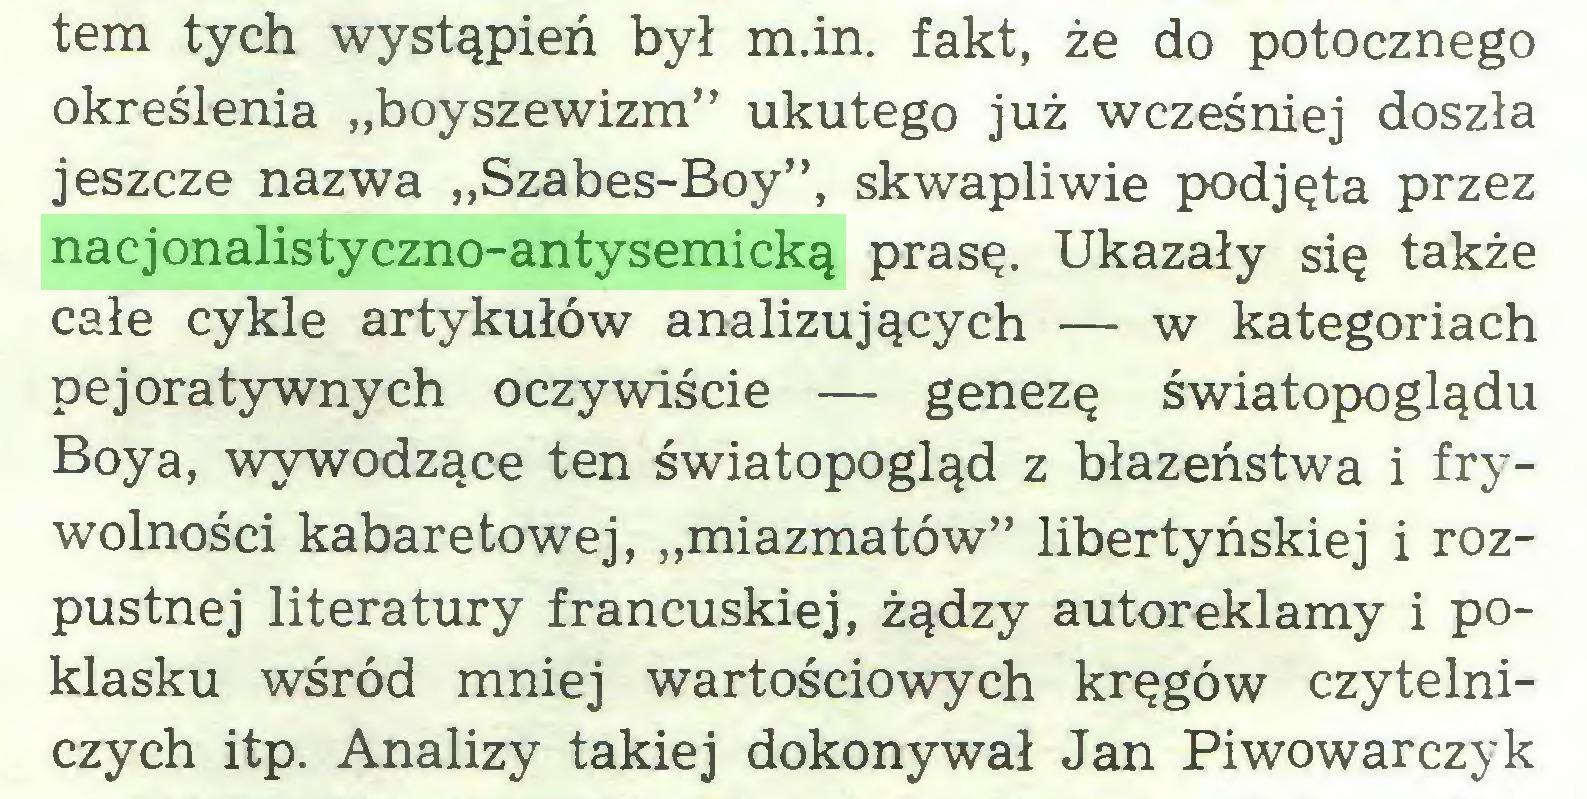 """(...) tem tych wystąpień był m.in. fakt, że do potocznego określenia """"boyszewizm"""" ukutego już wcześniej doszła jeszcze nazwa """"Szabes-Boy"""", skwapliwie podjęta przez nacjonalistyczno-antysemicką prasę. Ukazały się także całe cykle artykułów analizujących — w kategoriach pejoratywnych oczywiście — genezę światopoglądu Boya, wywodzące ten światopogląd z błazeństwa i frywolności kabaretowej, """"miazmatów"""" libertyńskiej i rozpustnej literatury francuskiej, żądzy autoreklamy i poklasku wśród mniej wartościowych kręgów czytelniczych itp. Analizy takiej dokonywał Jan Piwowarczyk..."""